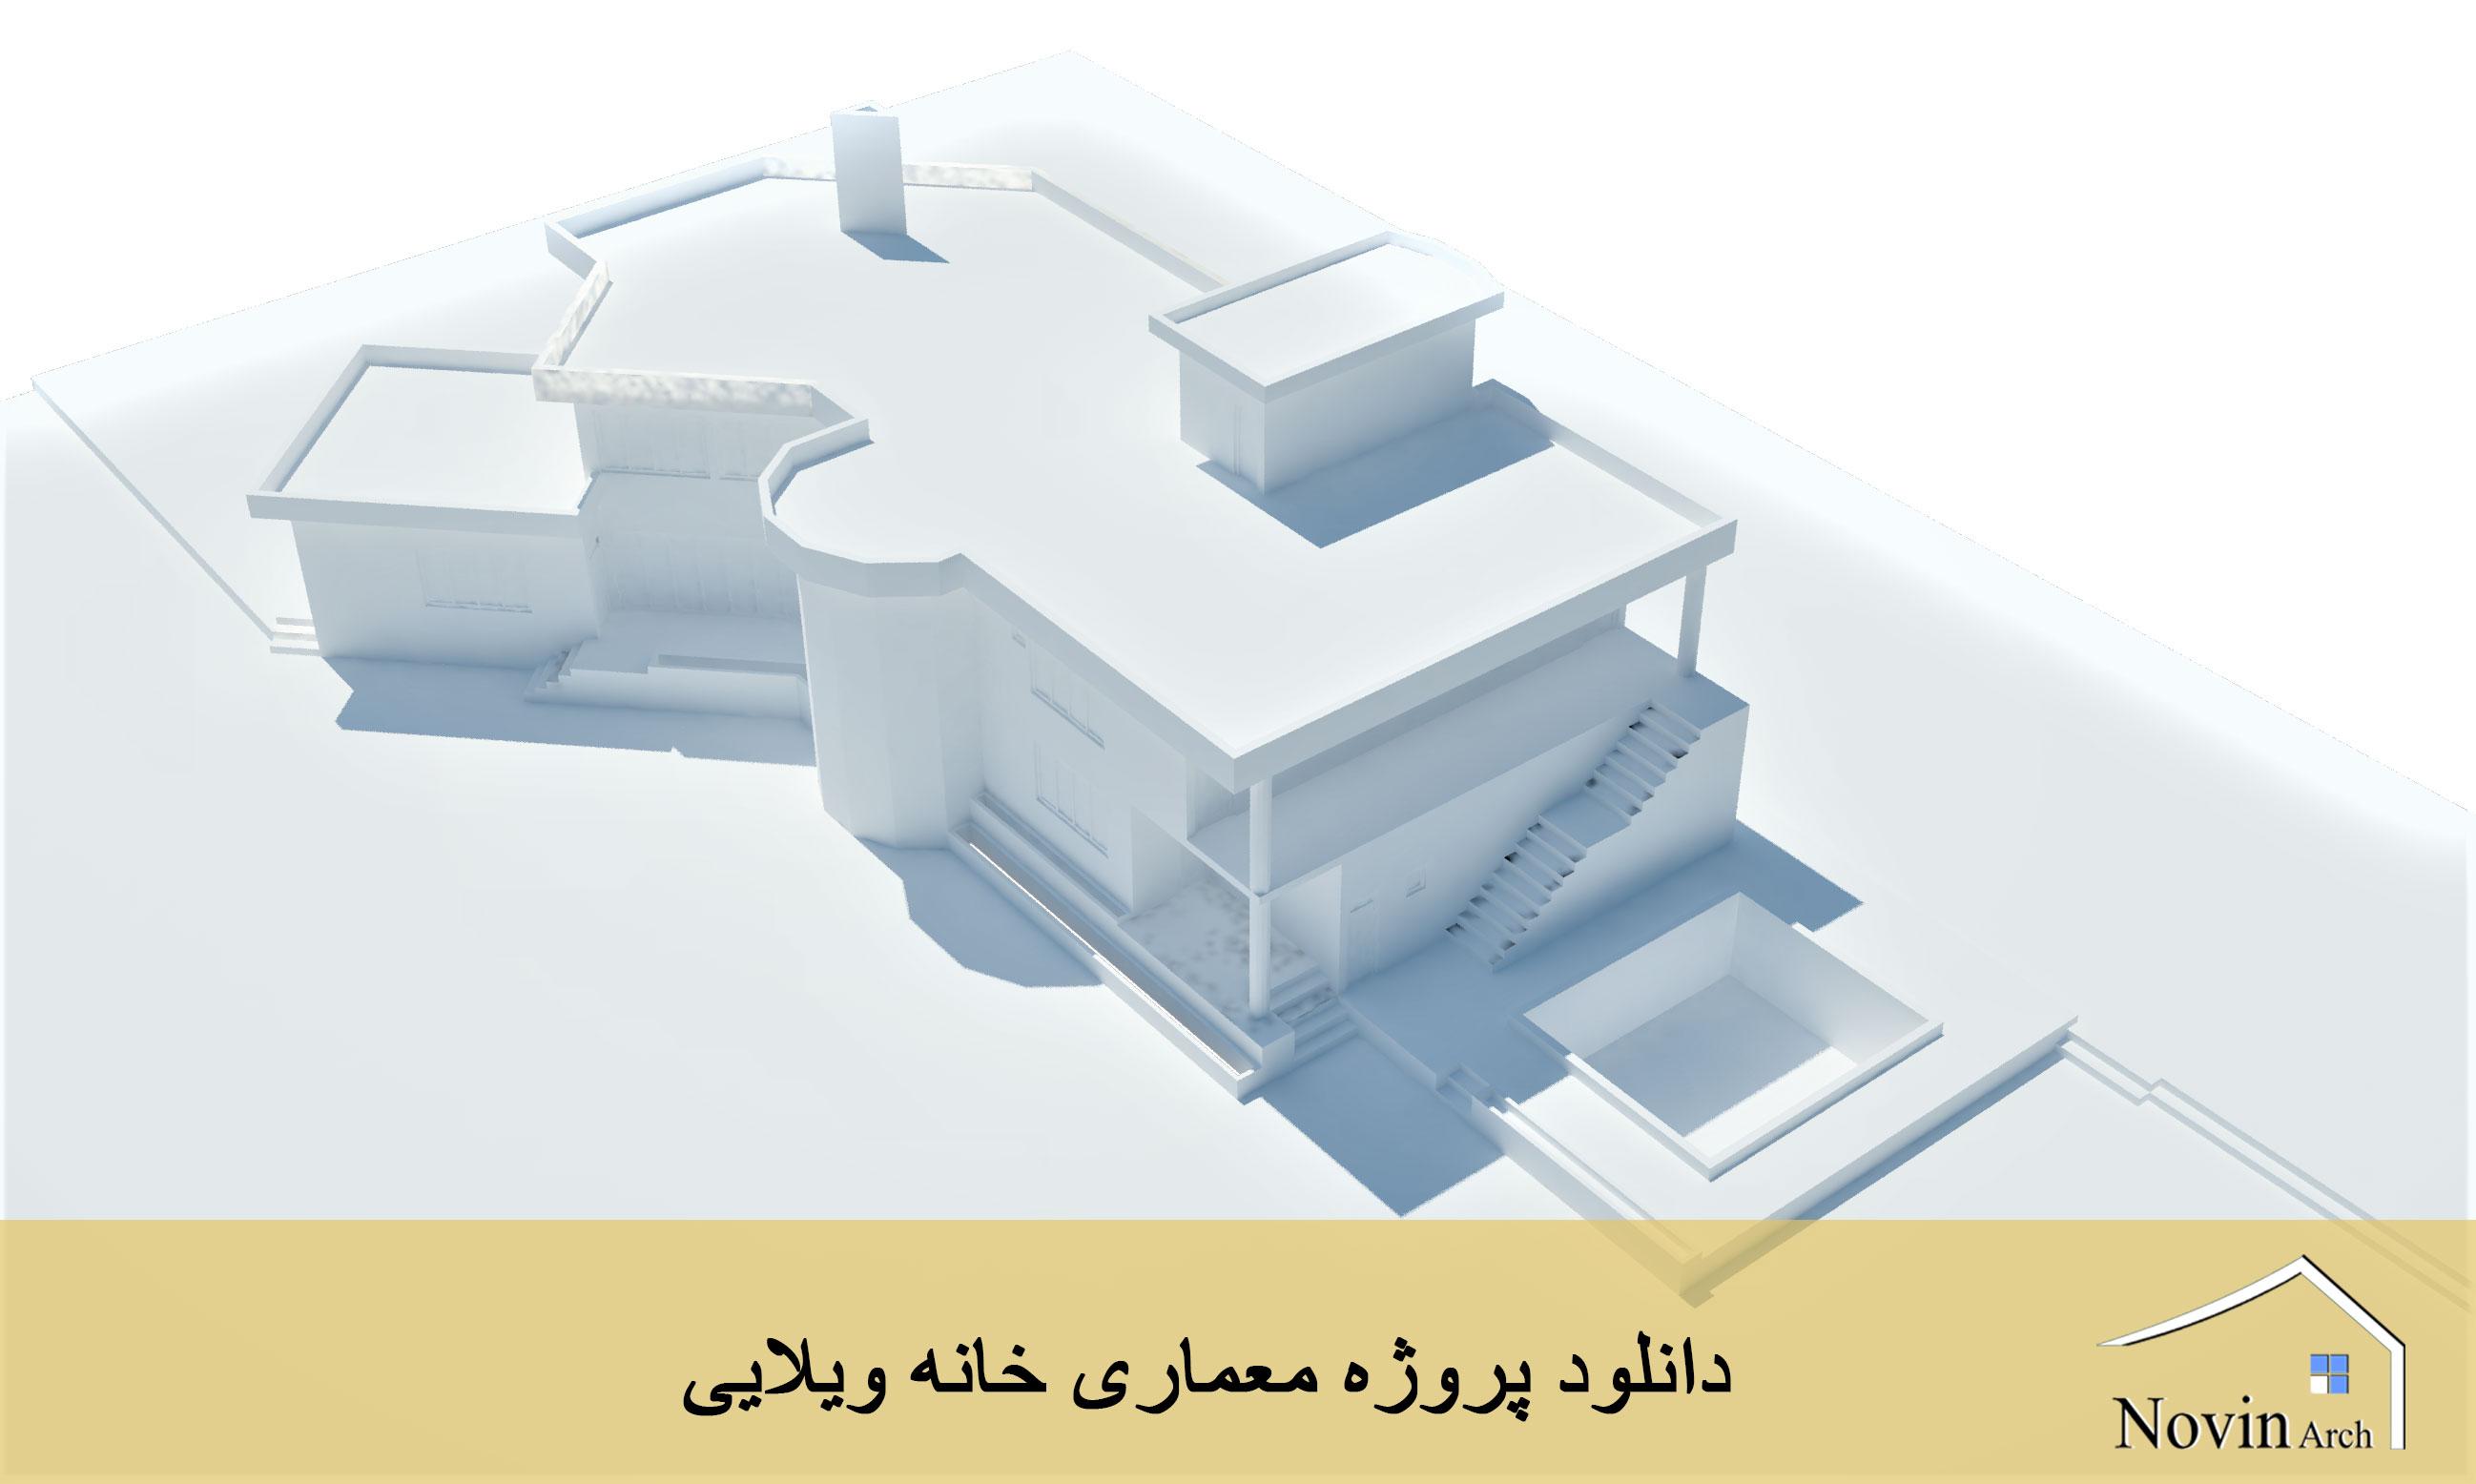 دانلود پروژه معماری خانه ویلایی